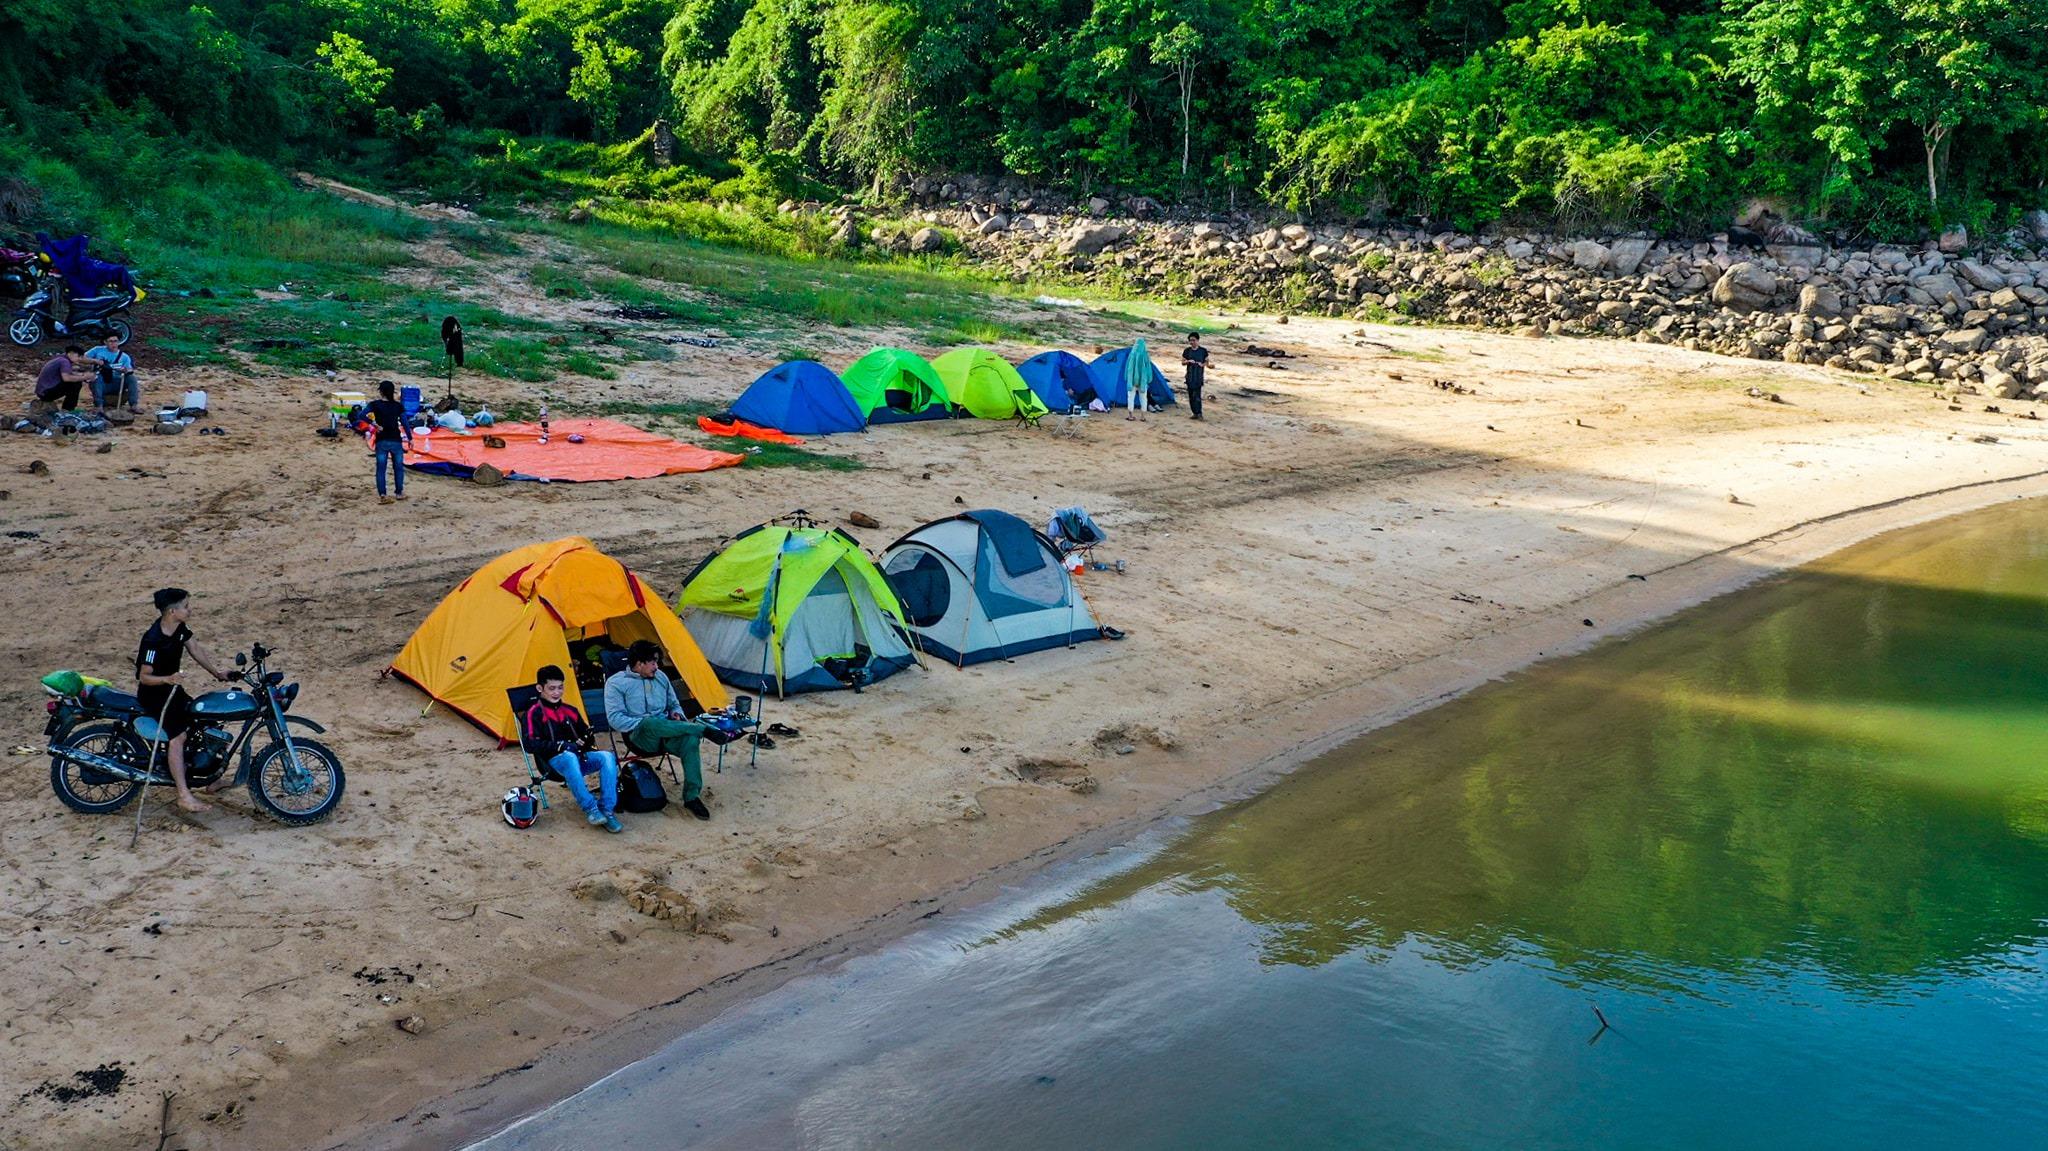 Đến hồ Dầu Tiếng, chiêm ngưỡng cảnh đẹp hút hồn tại địa điểm cắm trại hot nhất Tây Ninh  - Ảnh 2.